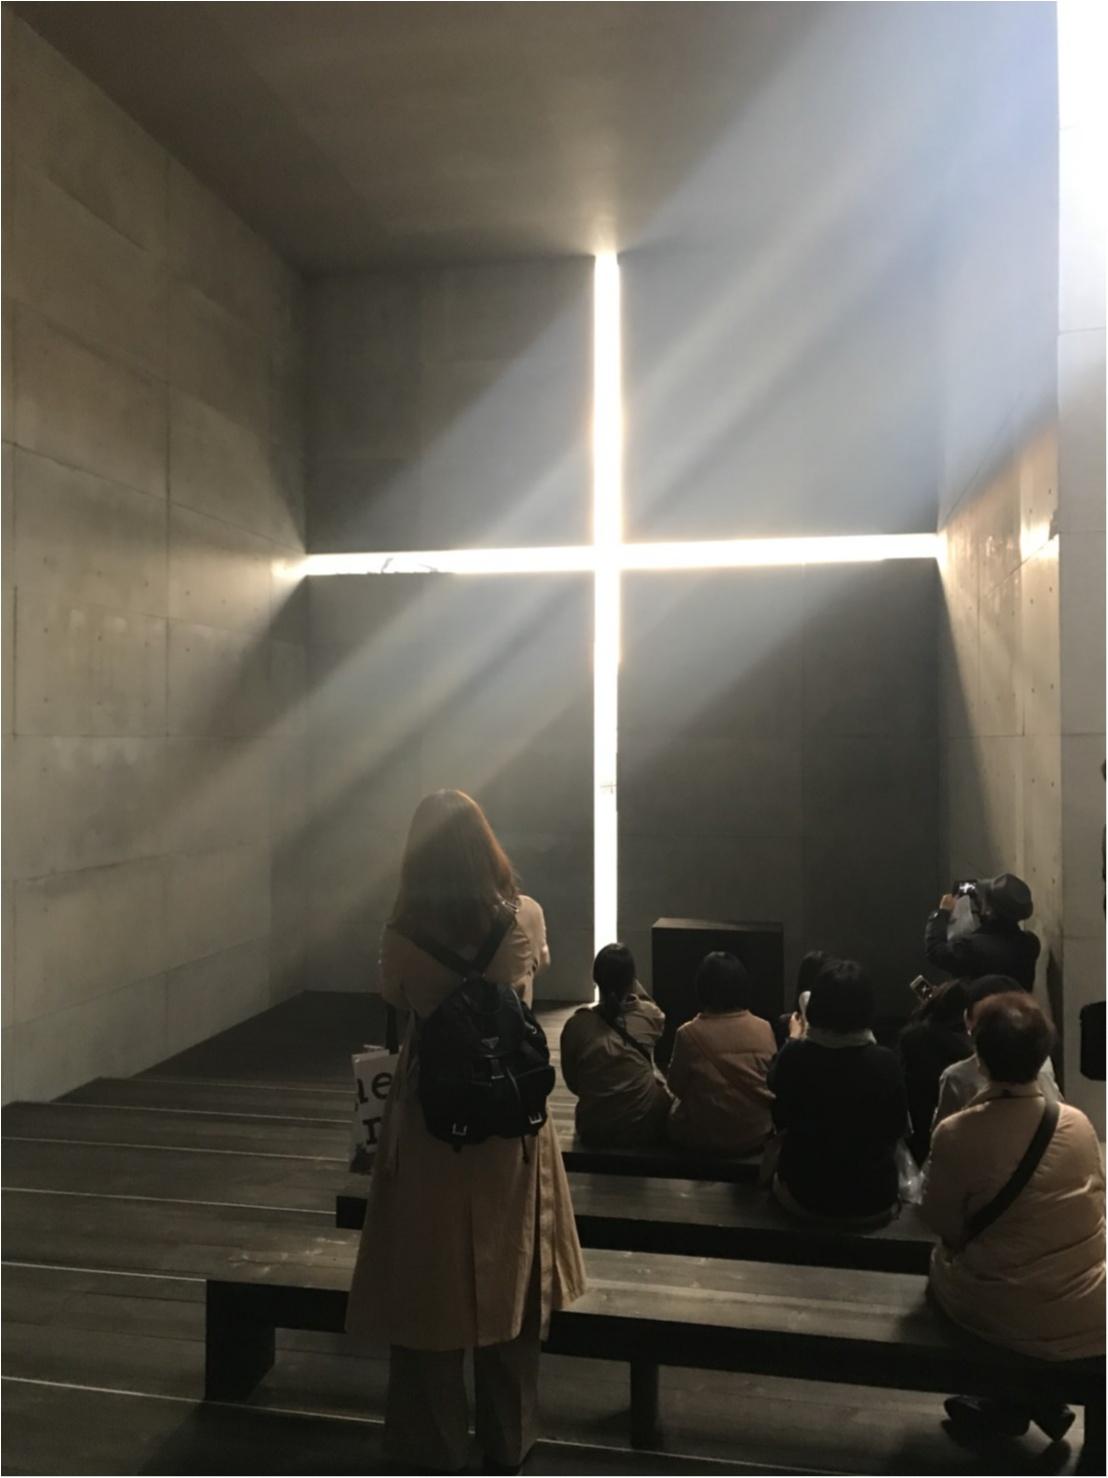 日本が世界に誇る建築家!!国立新美術館で開催中の【安藤忠雄展】に行ってきました〜♡ 来場者がみーんな写真を撮るフォトスポットとは??_3